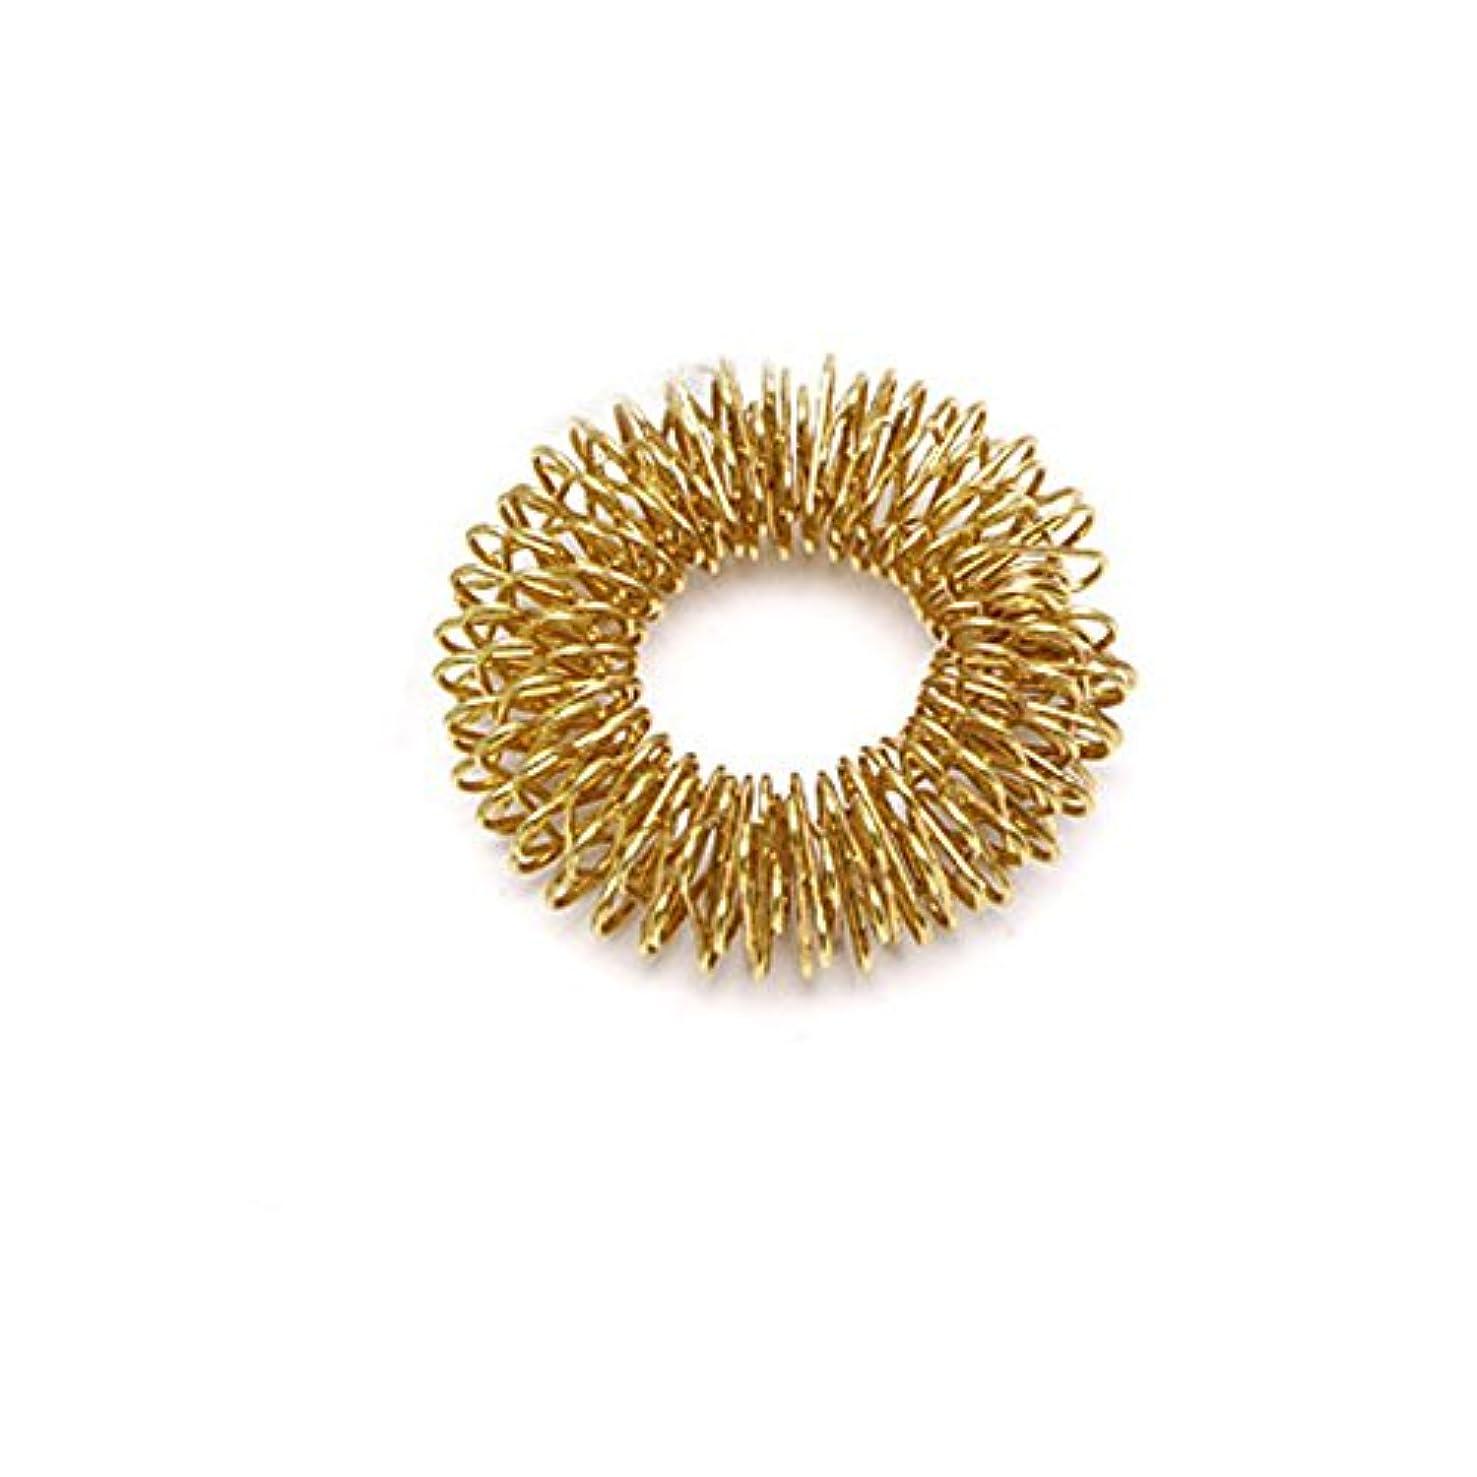 確率蛾高層ビルManyao ボディフィンガーマッサージリング鍼灸リングヘルスケアゴールド/シルバーメッキクール (ゴールド)